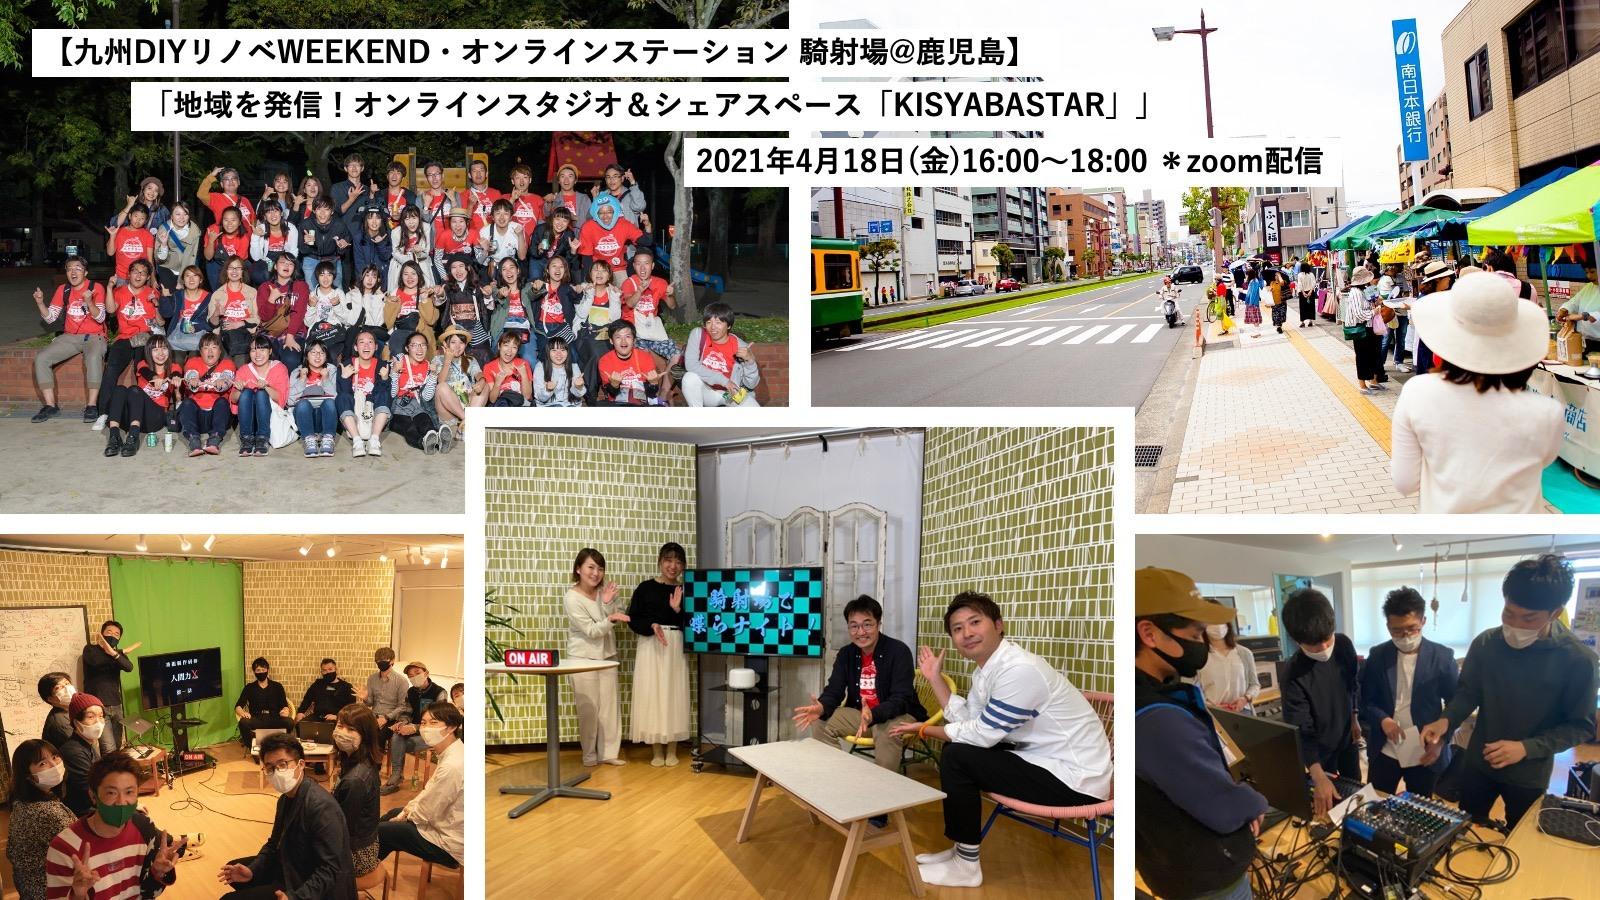 地域を発信!オンラインスタジオ&シェアスペース『KISYABASTAR』のイメージ